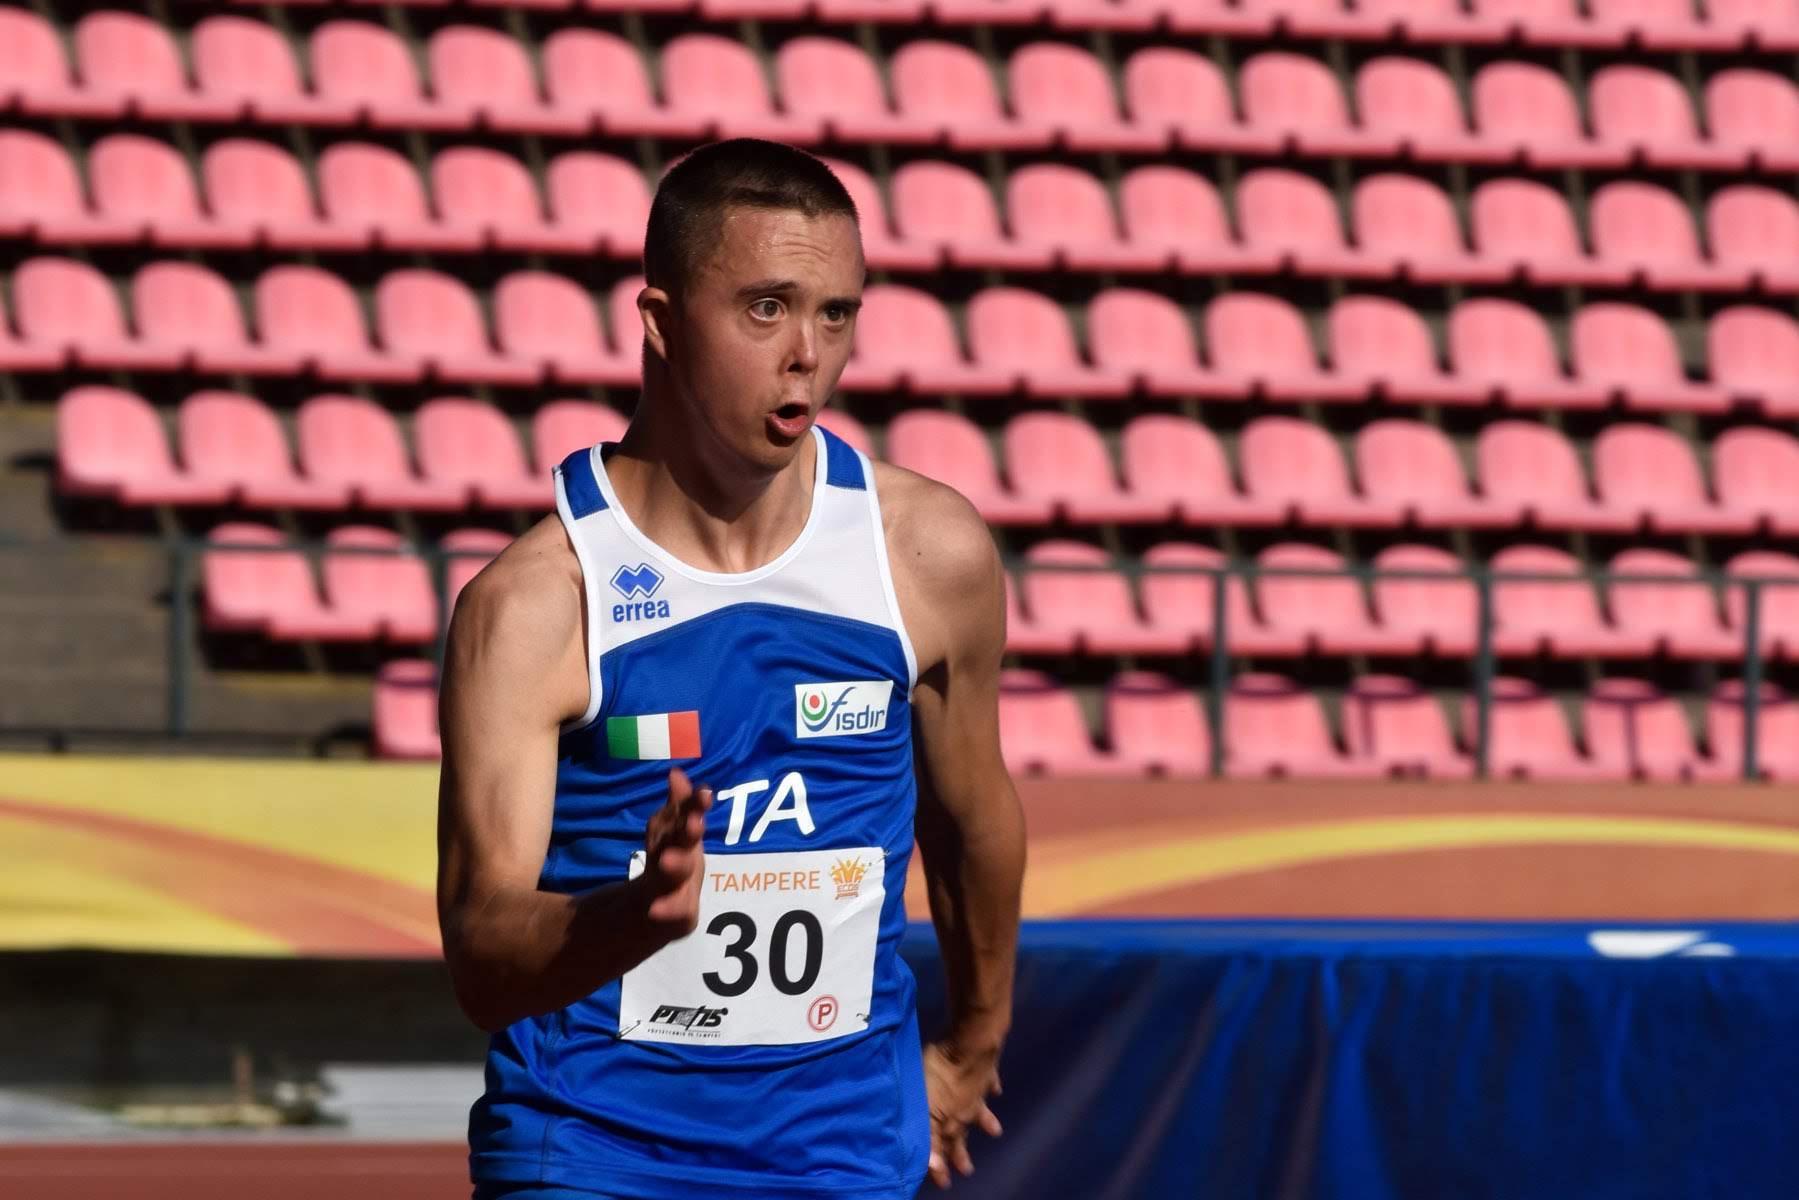 Tampere 2019: 32 medaglie per la selezione azzurra